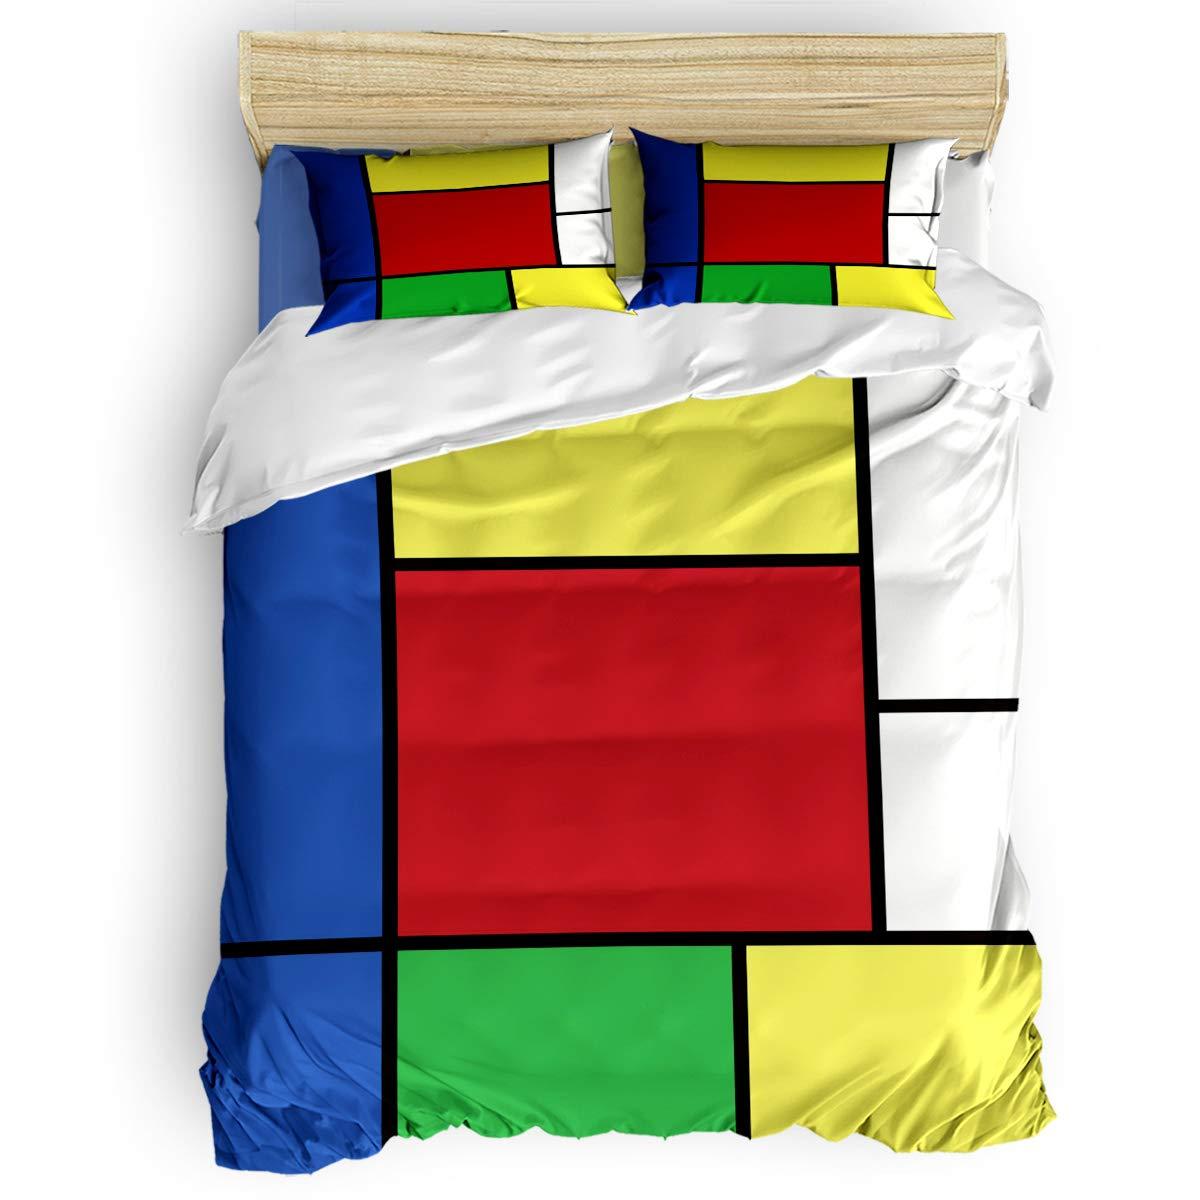 掛け布団カバー 4点セット ビーチ青い海 美しい熱帯海景 寝具カバーセット ベッド用 べッドシーツ 枕カバー 洋式 和式兼用 布団カバー 肌に優しい 羽毛布団セット 100%ポリエステル セミダブル B07TF8YCCR Square1LAS7816 セミダブル